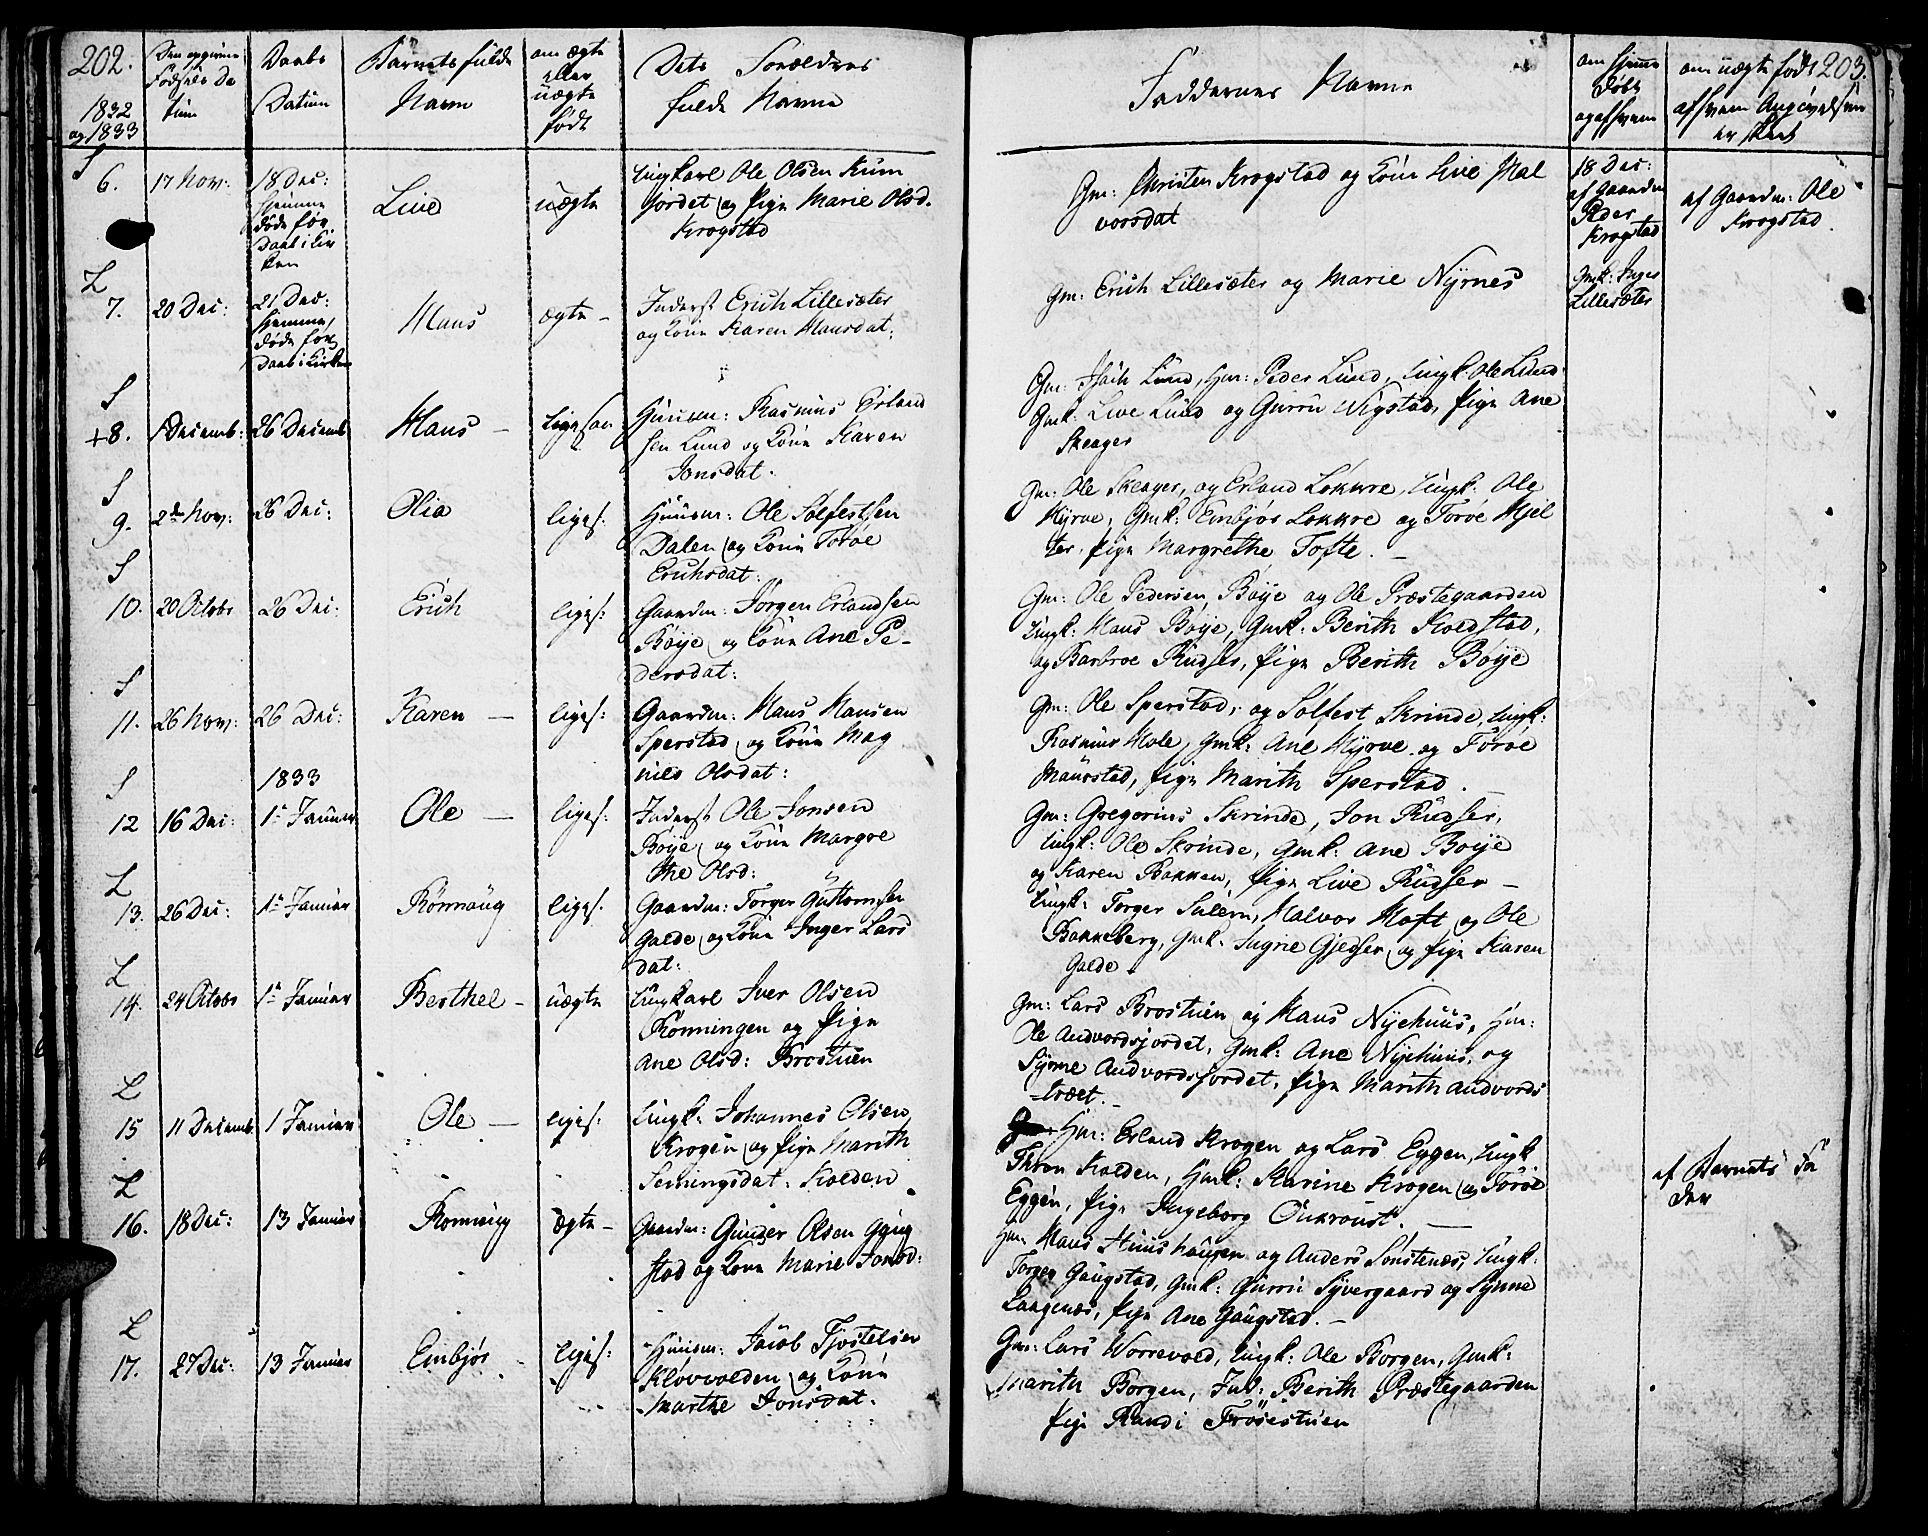 SAH, Lom prestekontor, K/L0005: Ministerialbok nr. 5, 1825-1837, s. 202-203